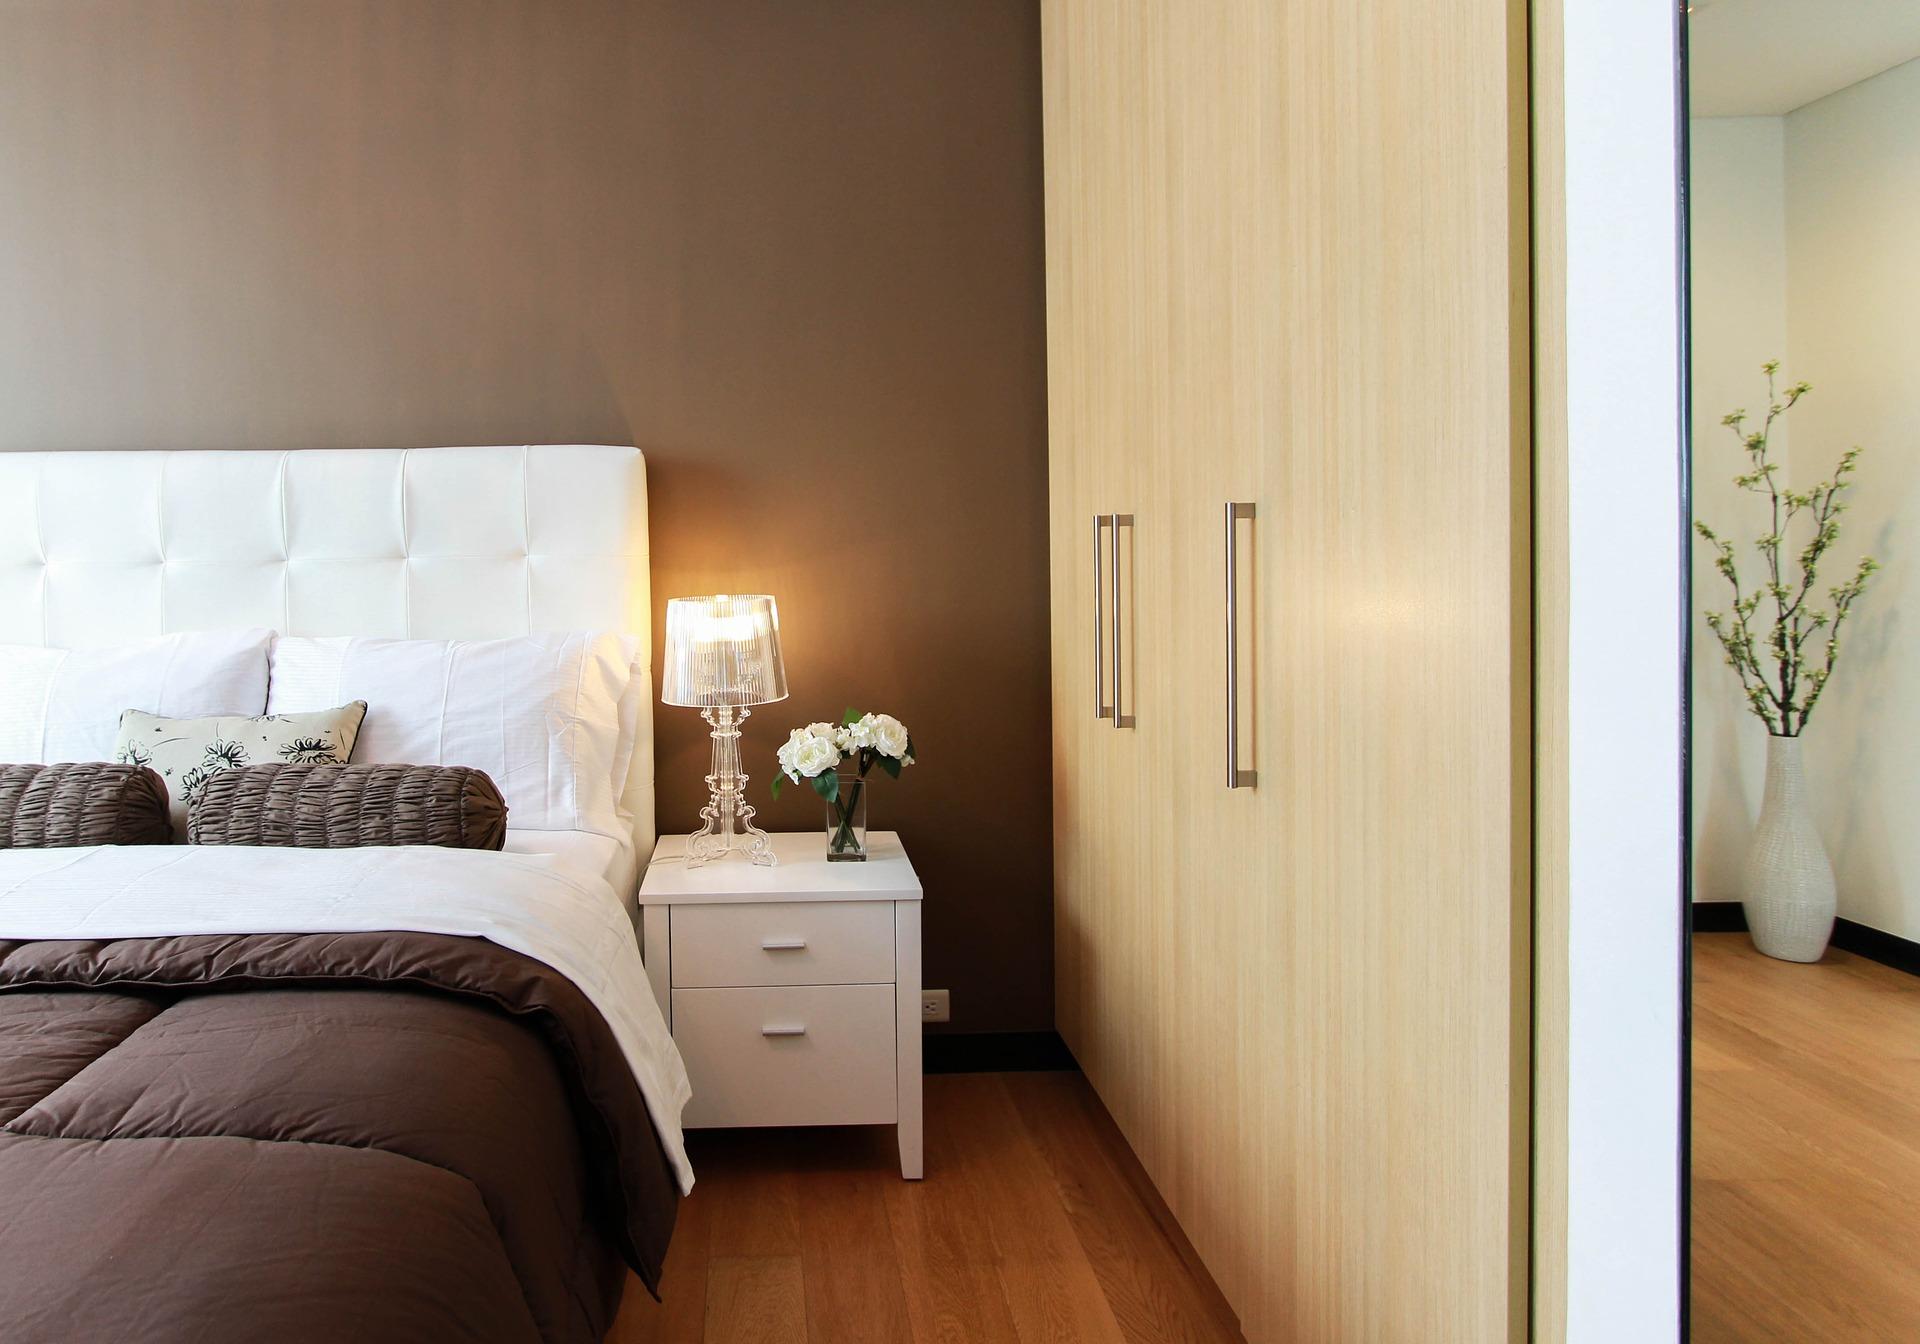 Neben Der Auswahl Der Möbel Für Das Studenten Schlafzimmer Bzw. Die  Studenten Wohnung, Ist Auch Die Grundsätzliche Raumgestaltung Sehr Wichtig.